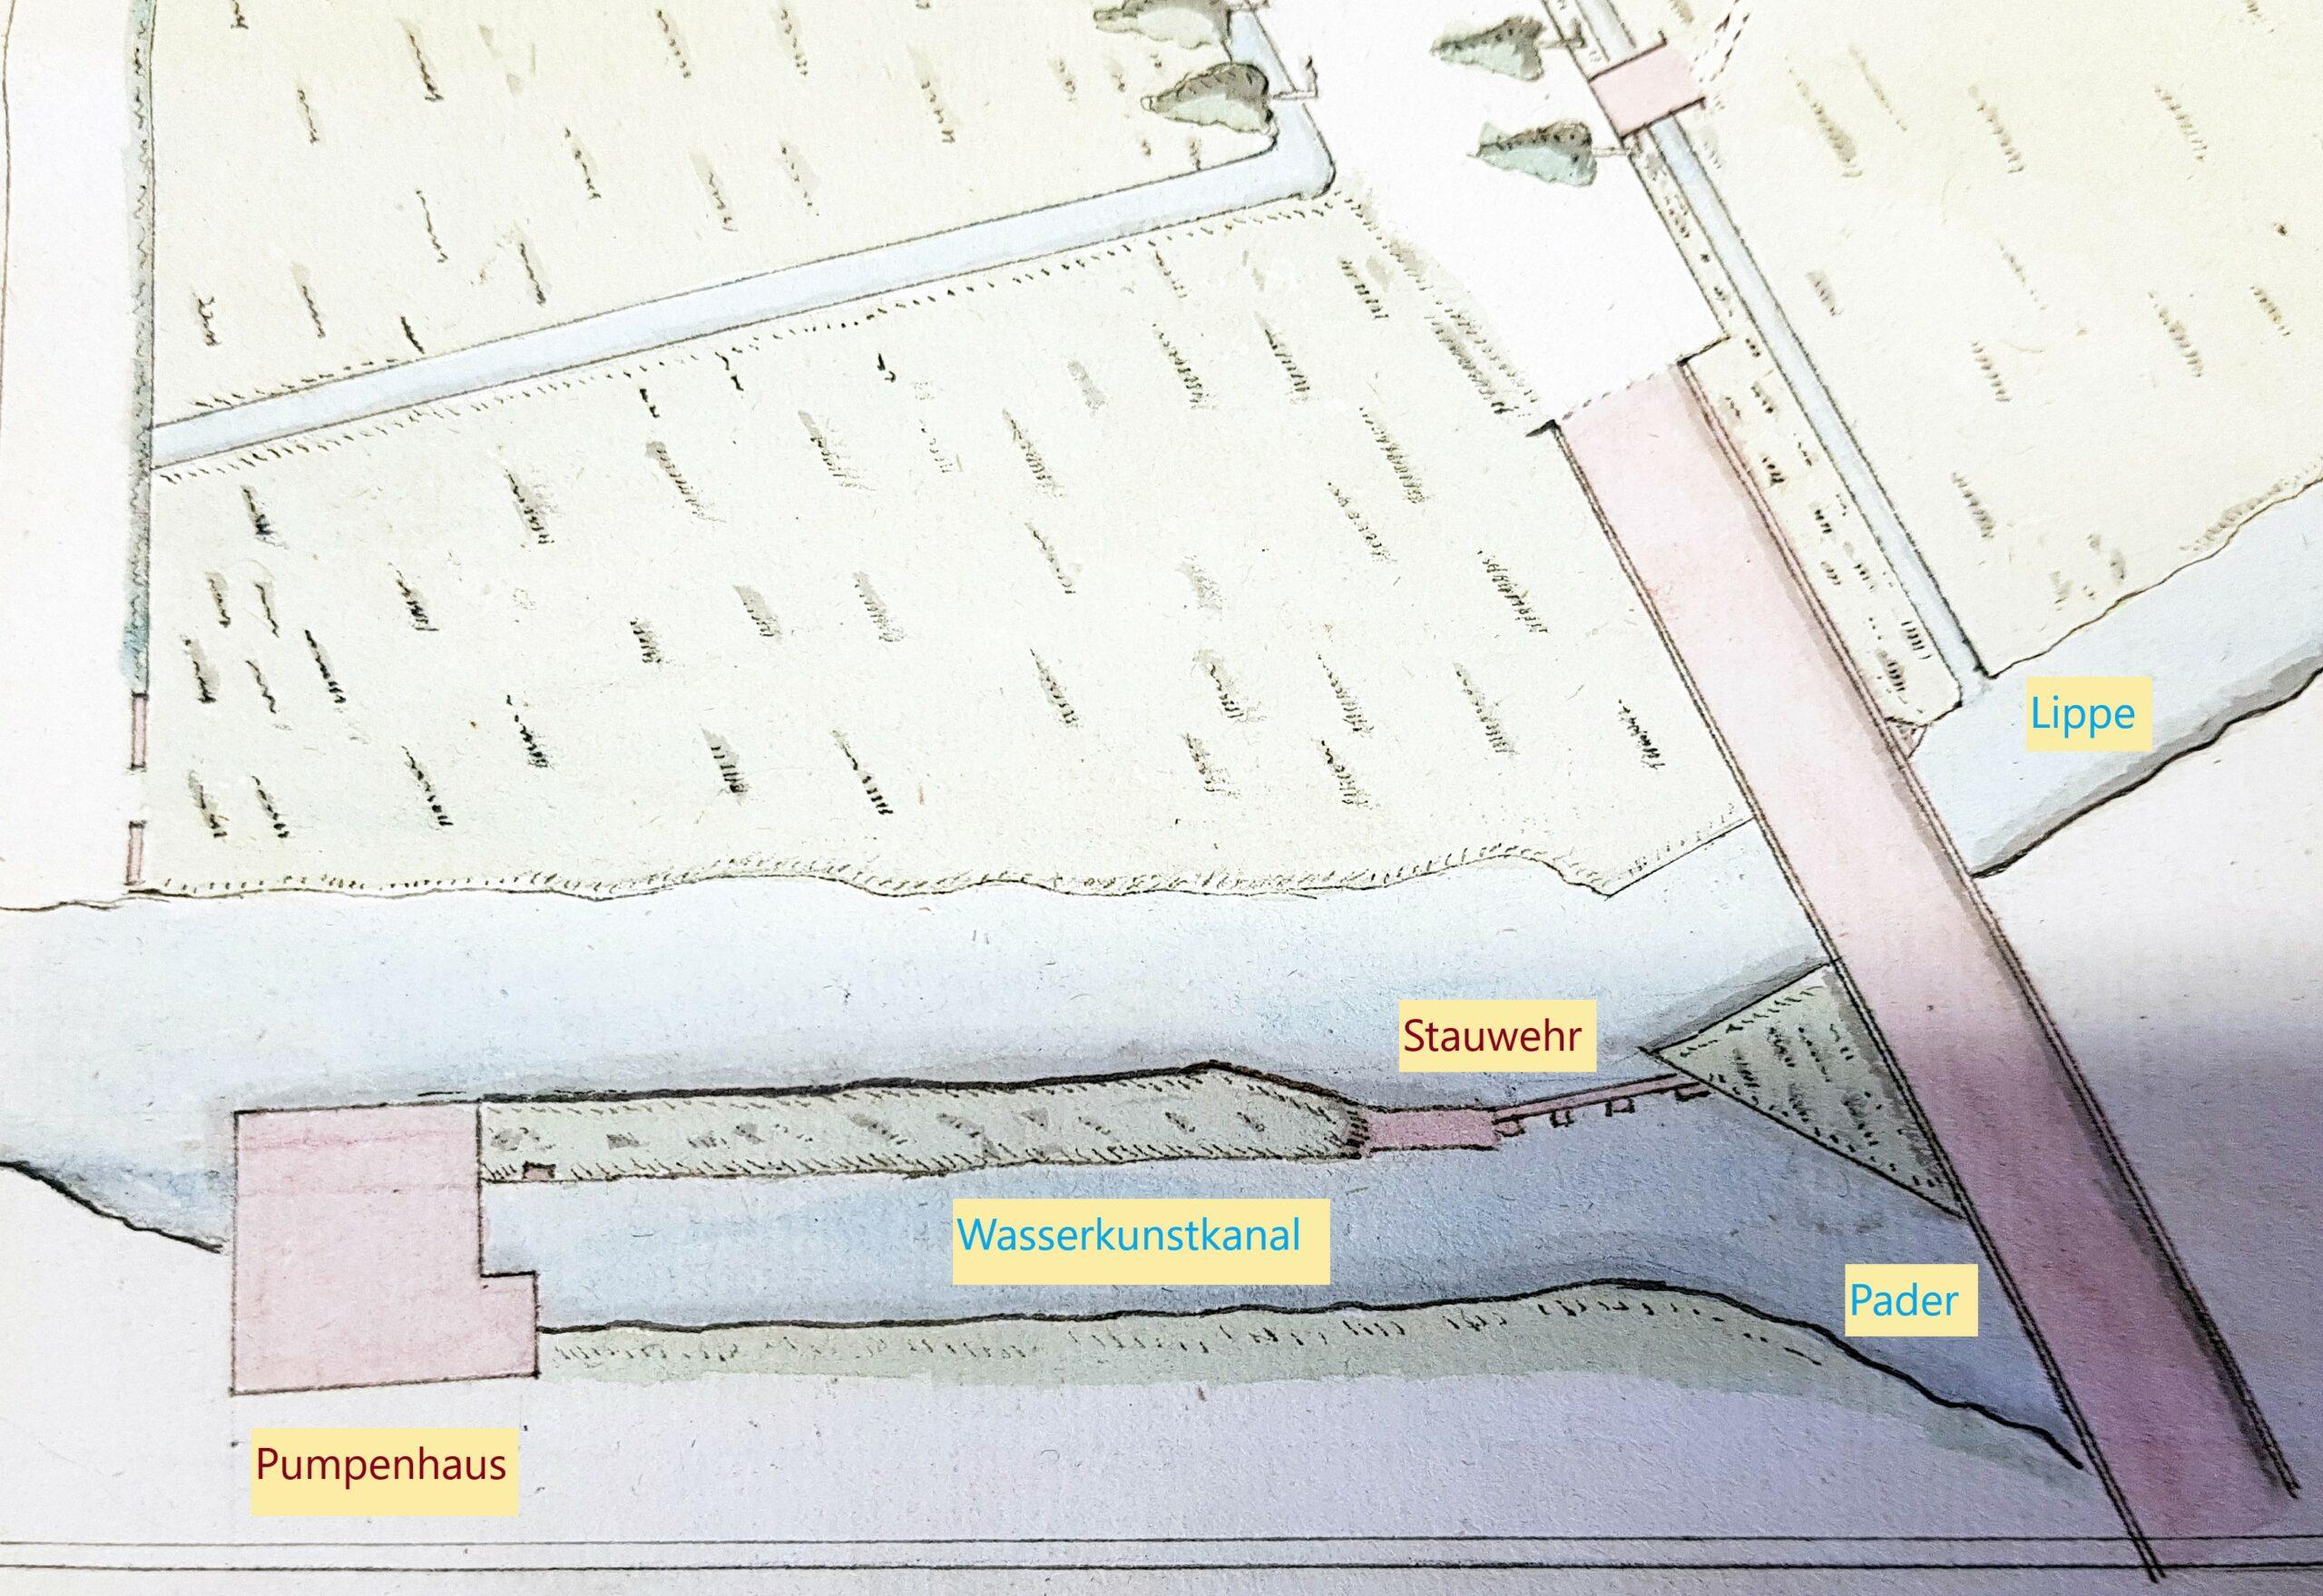 """Neuhaus, Neue Wasserkunst von 1753/55 im """"Grundriss der Wiese bei der Lippebrücke"""", 18. Jahrhundert (EAB Pb, AV, Acta 88, fol. 18v-19r, Bearbeitung M. Ströhmer 2019)"""